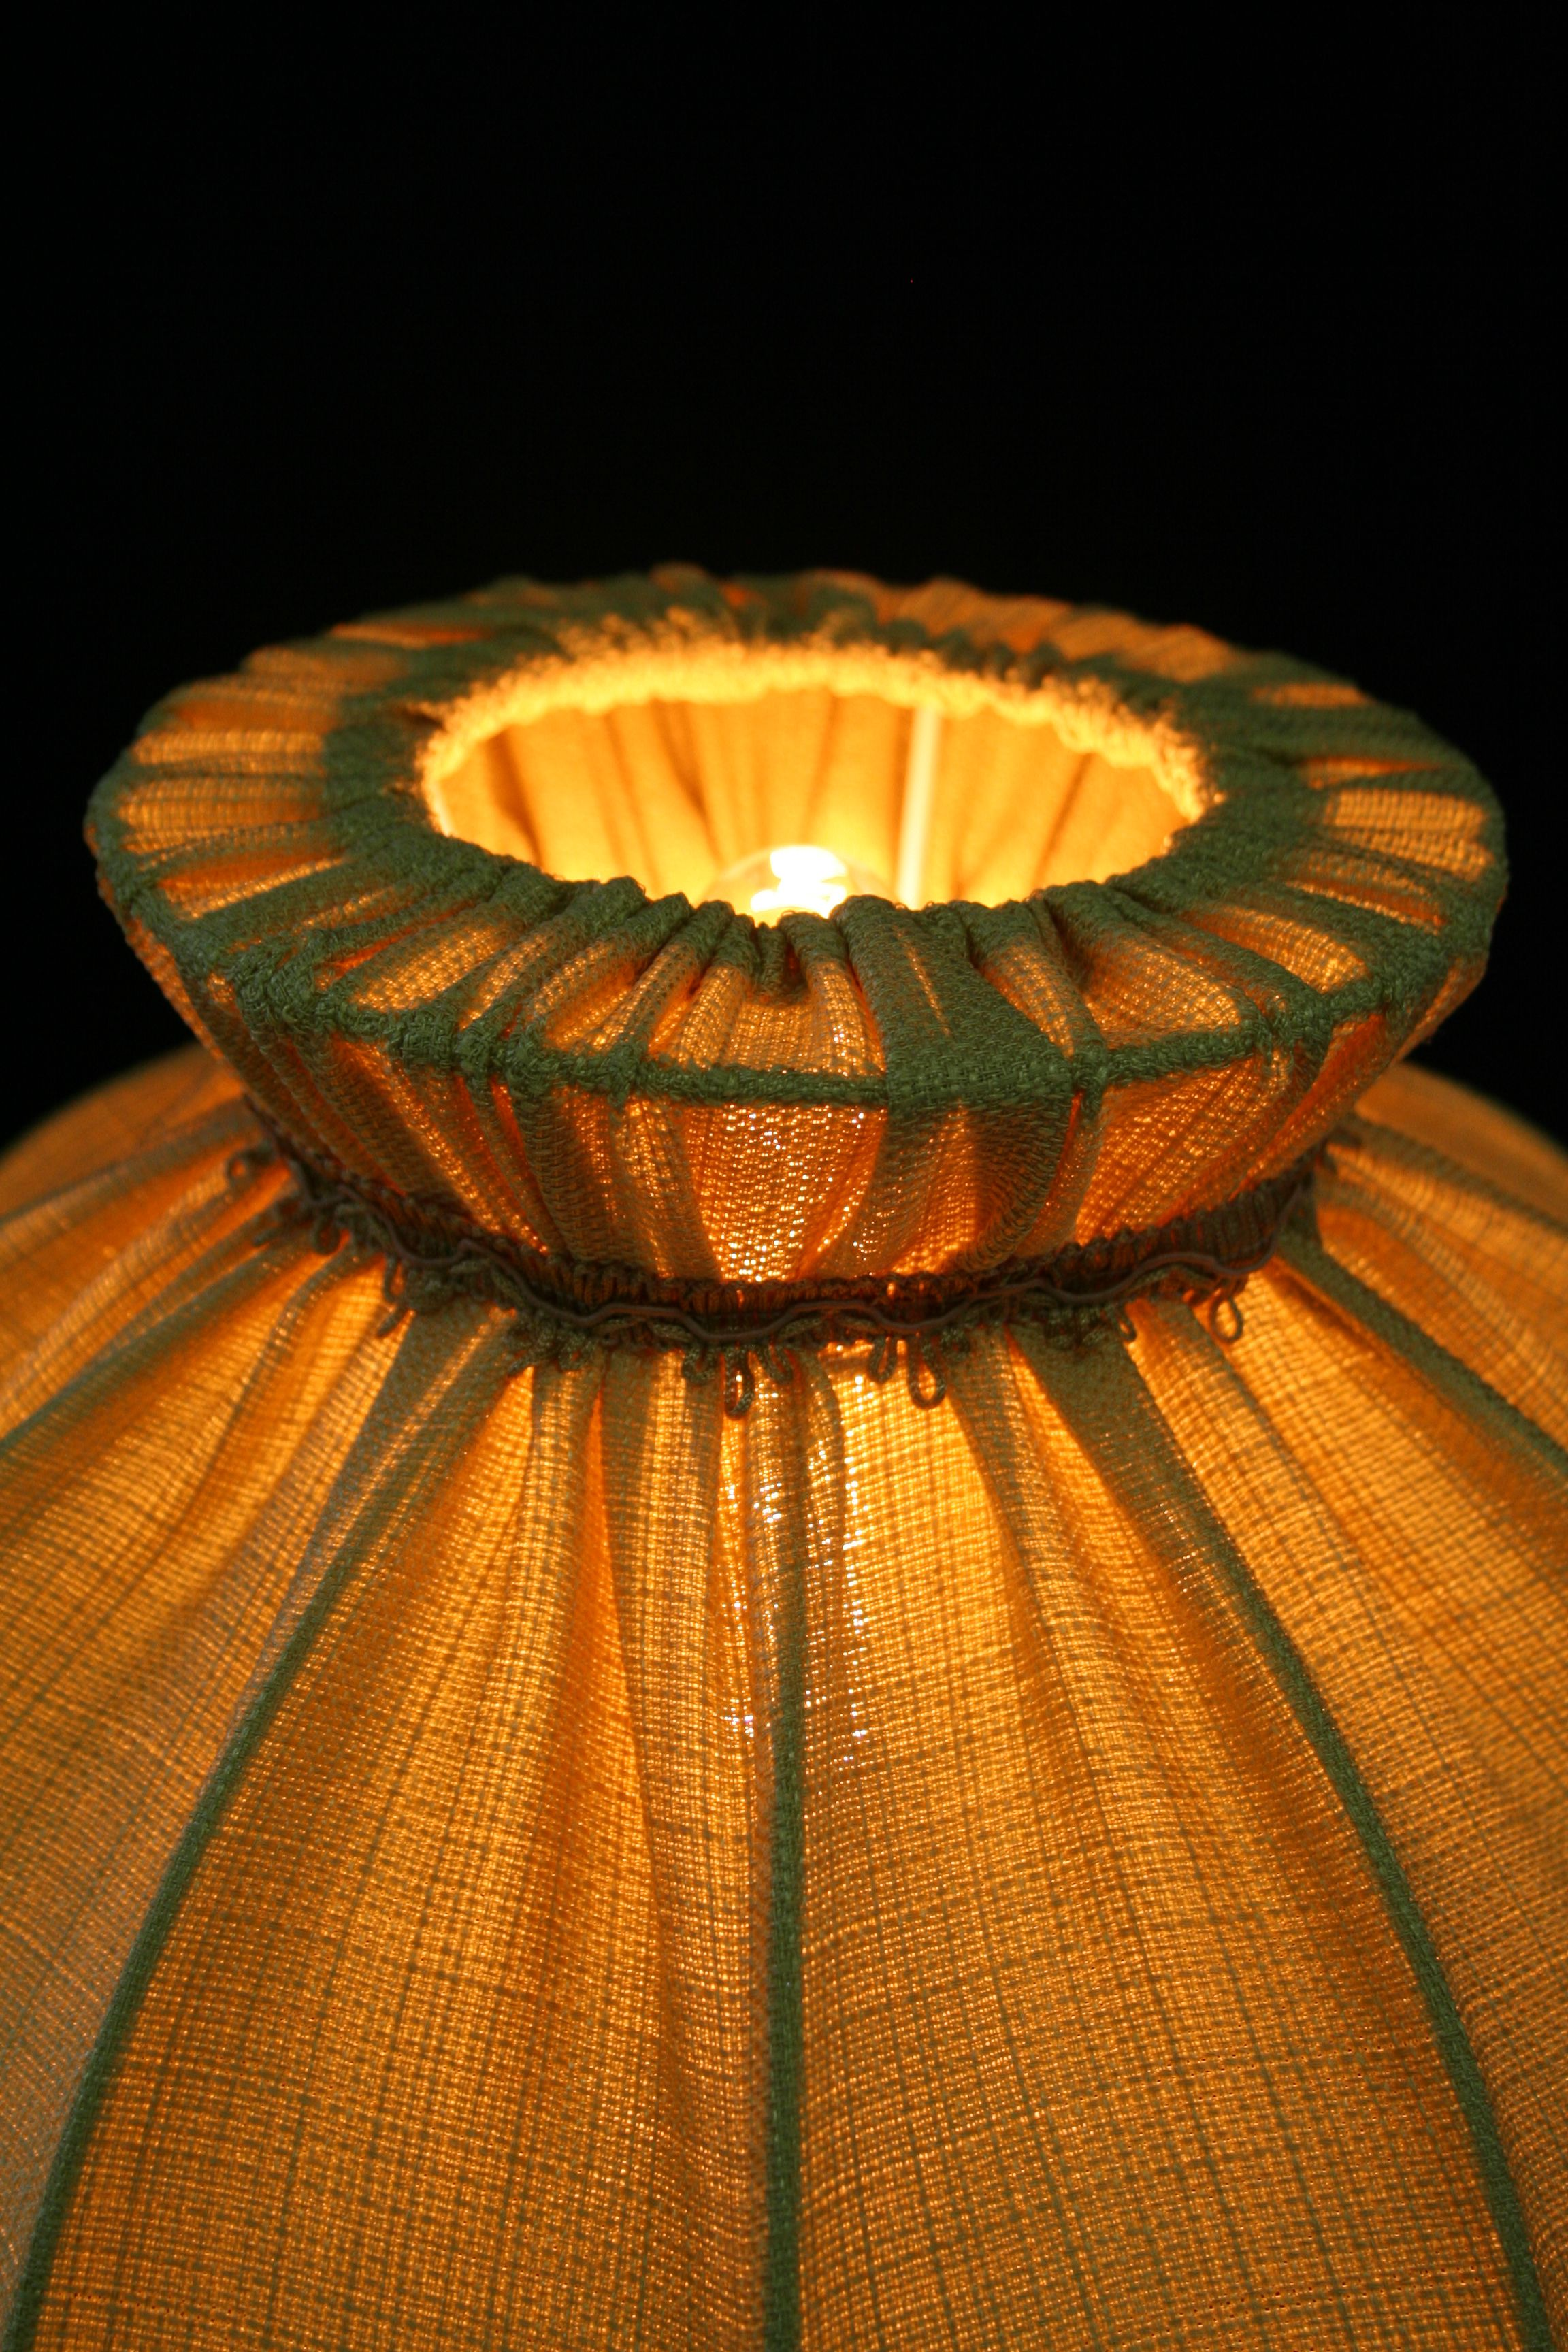 отдуши подарок экостиль настольная handmade лампа абажур слюбовью авторскийстиль forsale эксклюзив lamp design lightart зеленый ручнаяработа